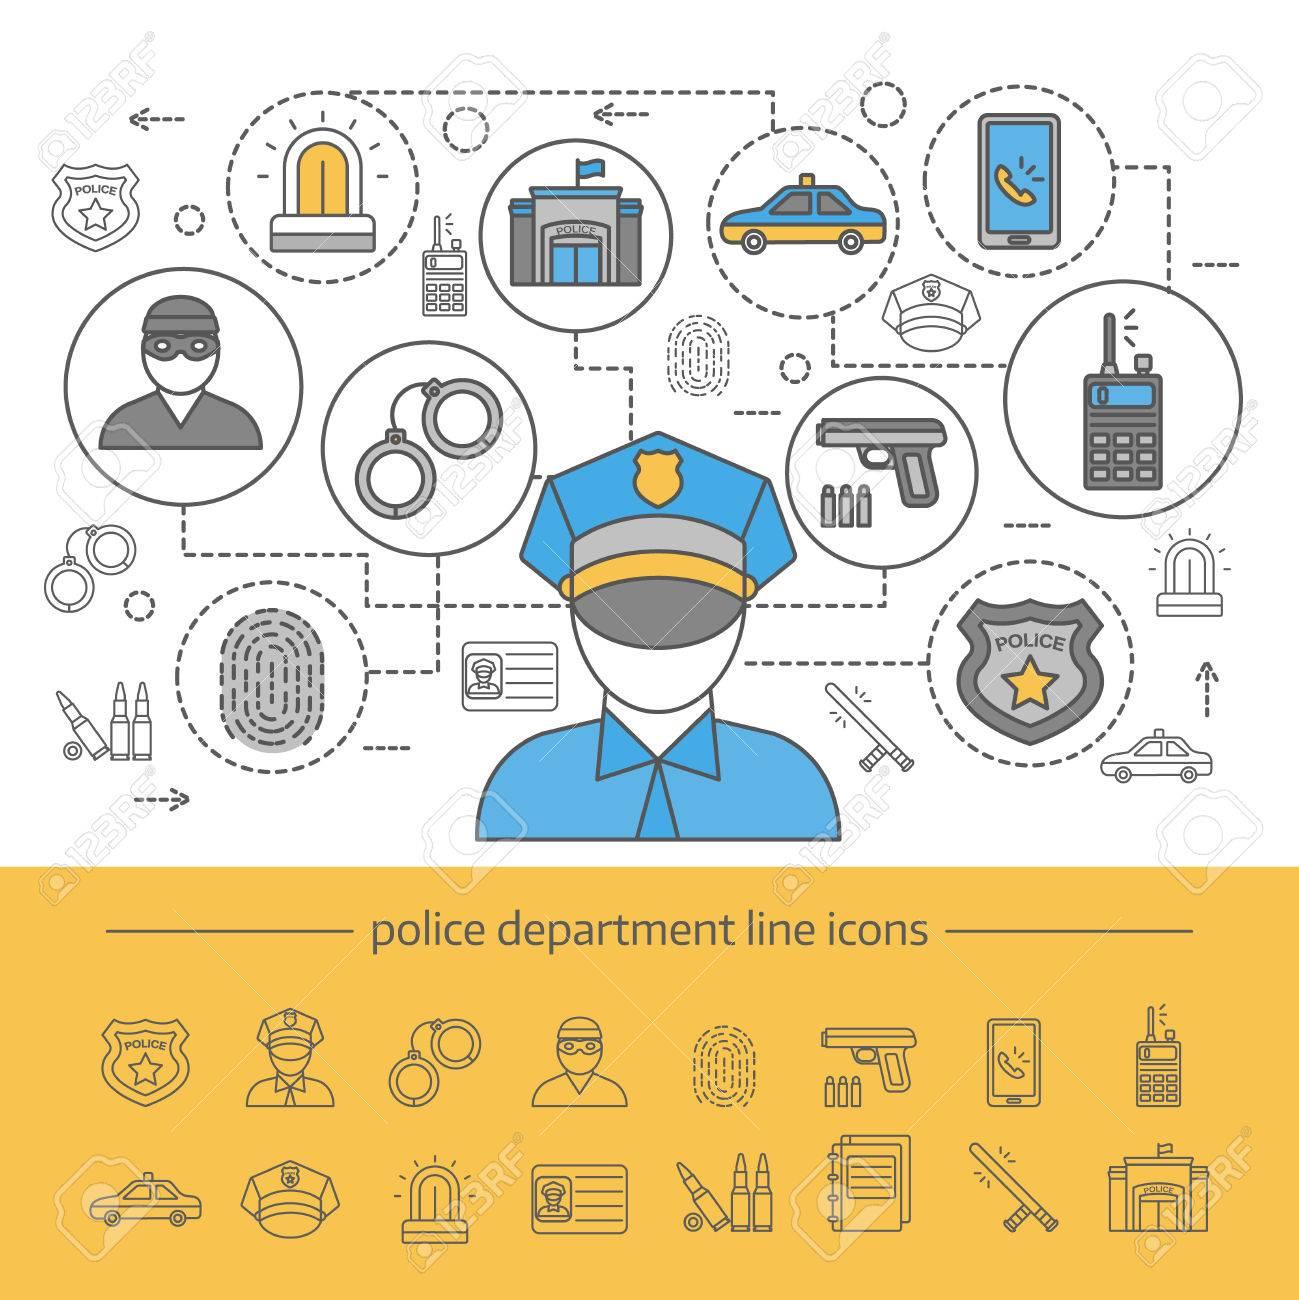 fd7c6162a266 Composición de la línea del departamento de policía con banner e icono  aislado en la ilustración